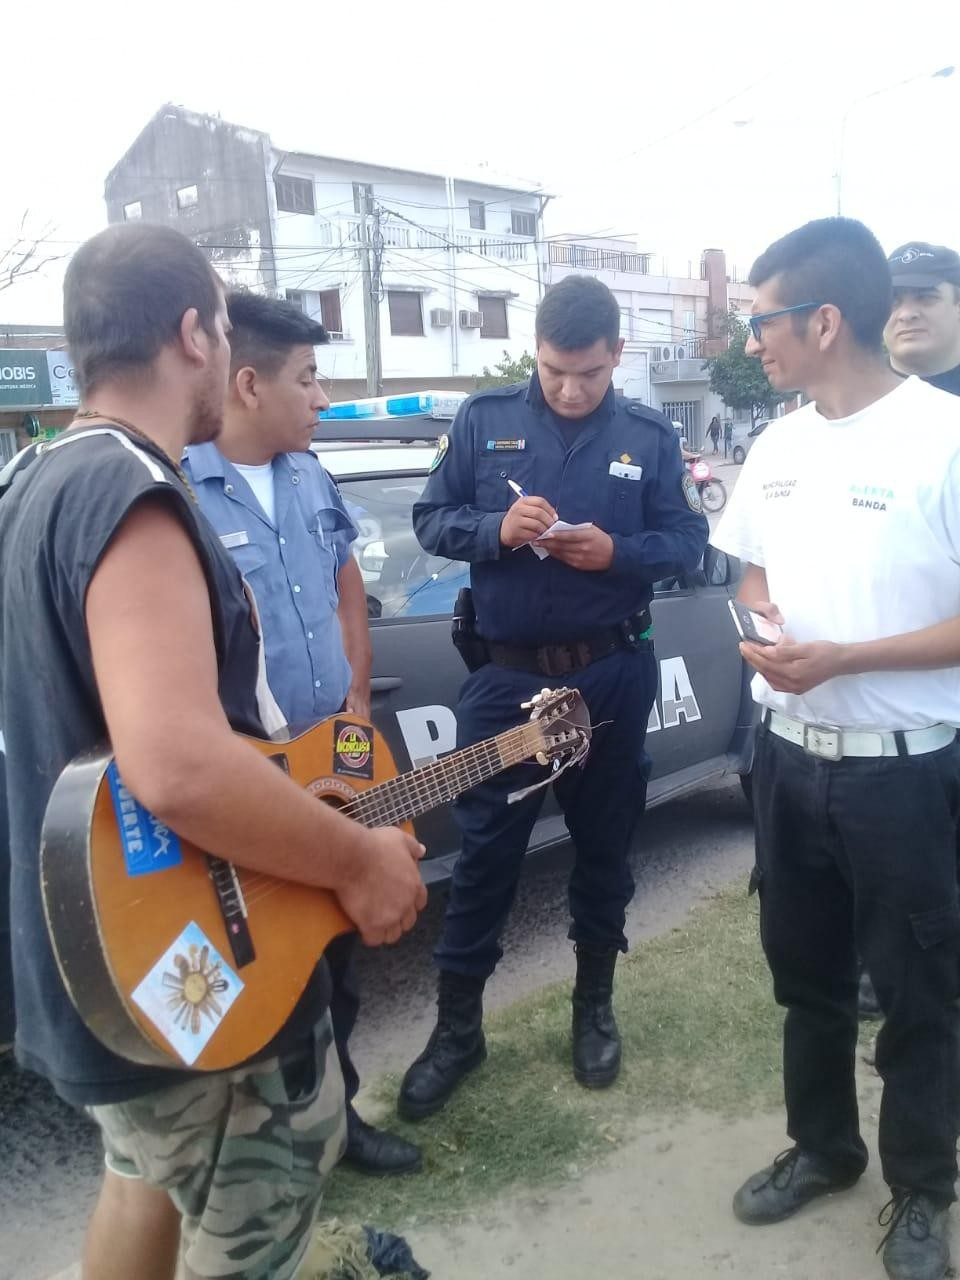 Alerta Banda recuperó una guitarra robada por un indigente con un gran operativo de monitoreo